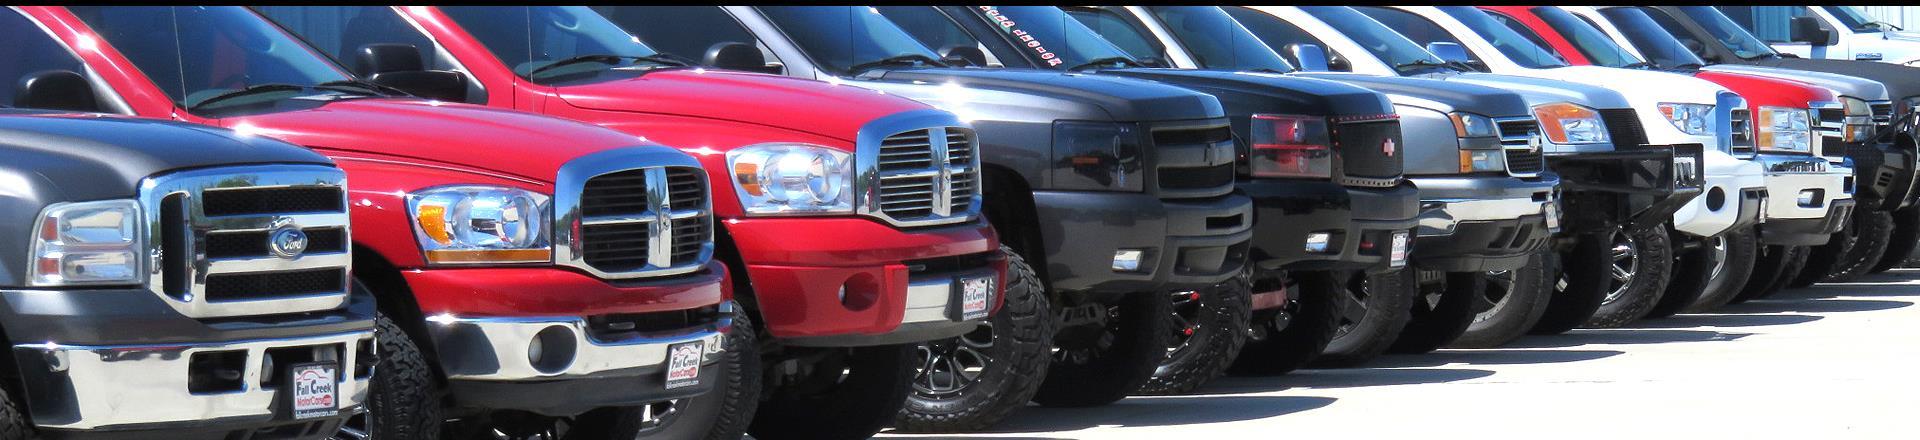 Mega Motors Dallas Tx Cash Lot - impremedia.net